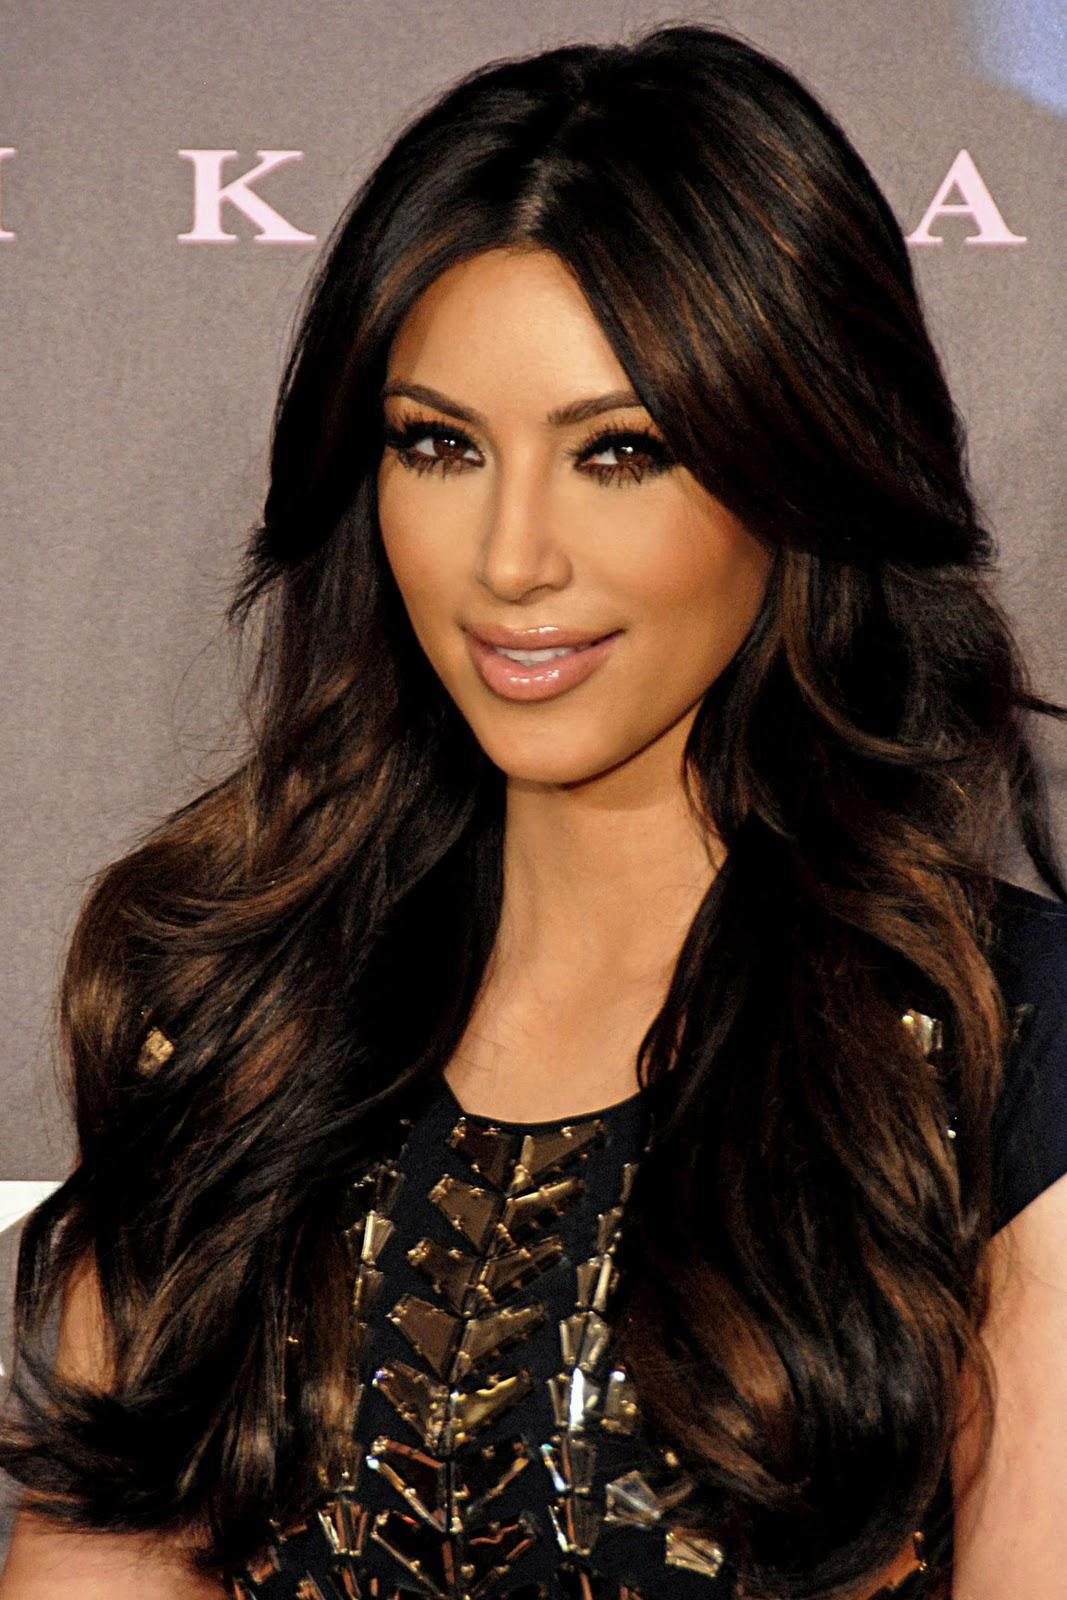 http://3.bp.blogspot.com/-fnK9De31n6k/TrGAHXWtG4I/AAAAAAAAJ48/XR7-CI2vUa8/s1600/Kim_Kardashian_2011A.jpg